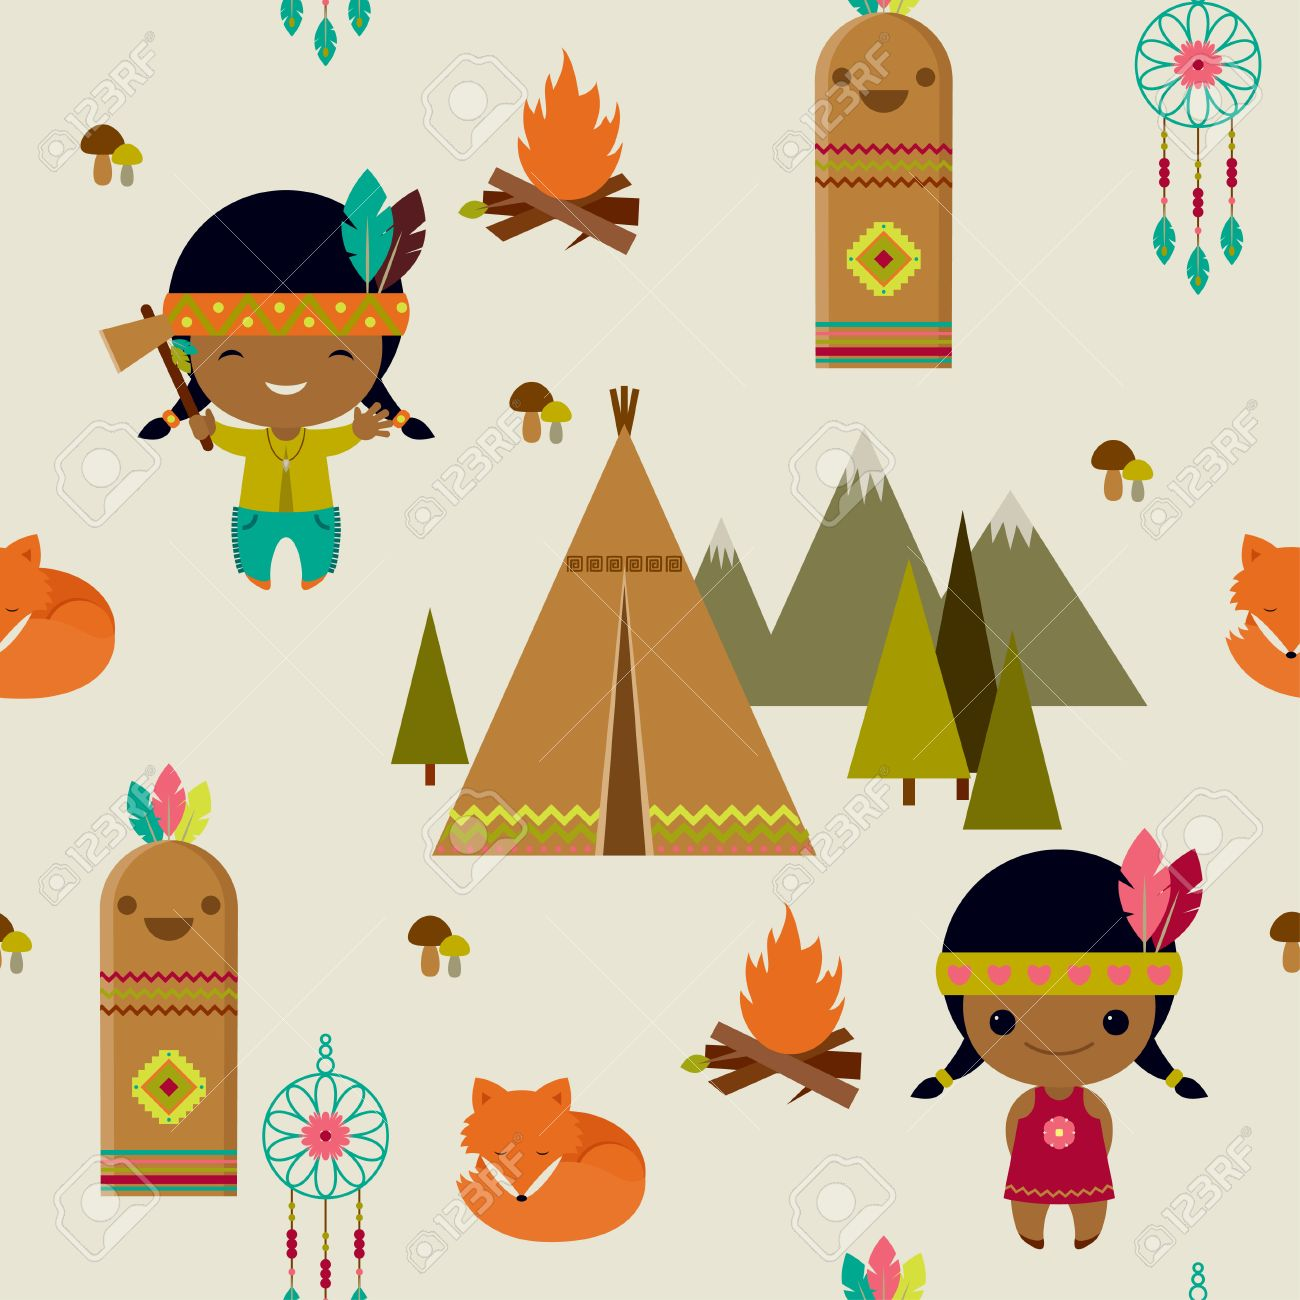 アメリカン インディアン アート シームレスな壁紙のイラスト素材 ベクタ Image